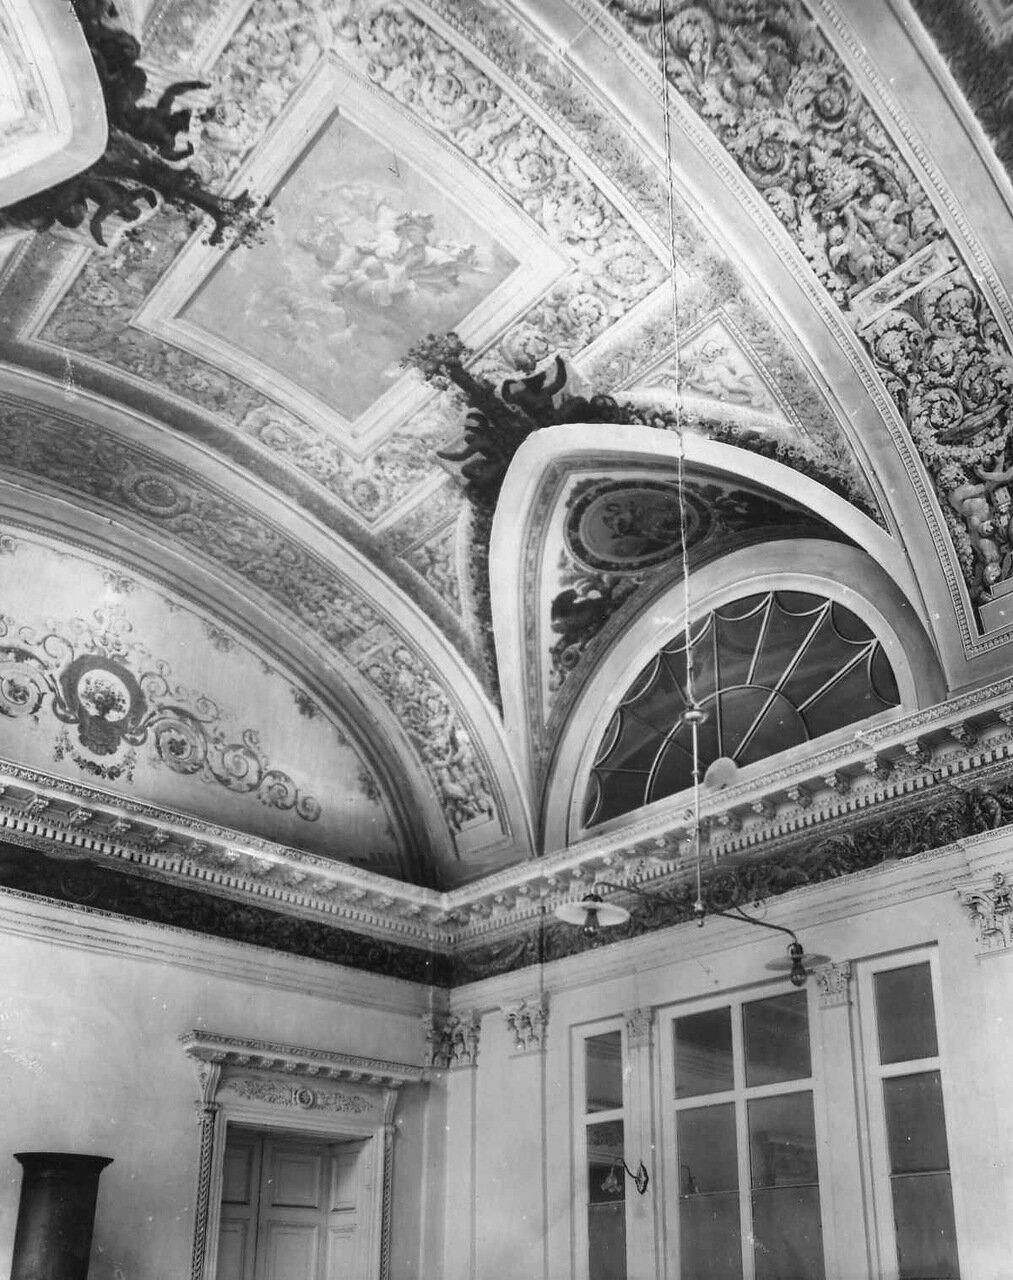 32. Орнамент в Обеденном зале